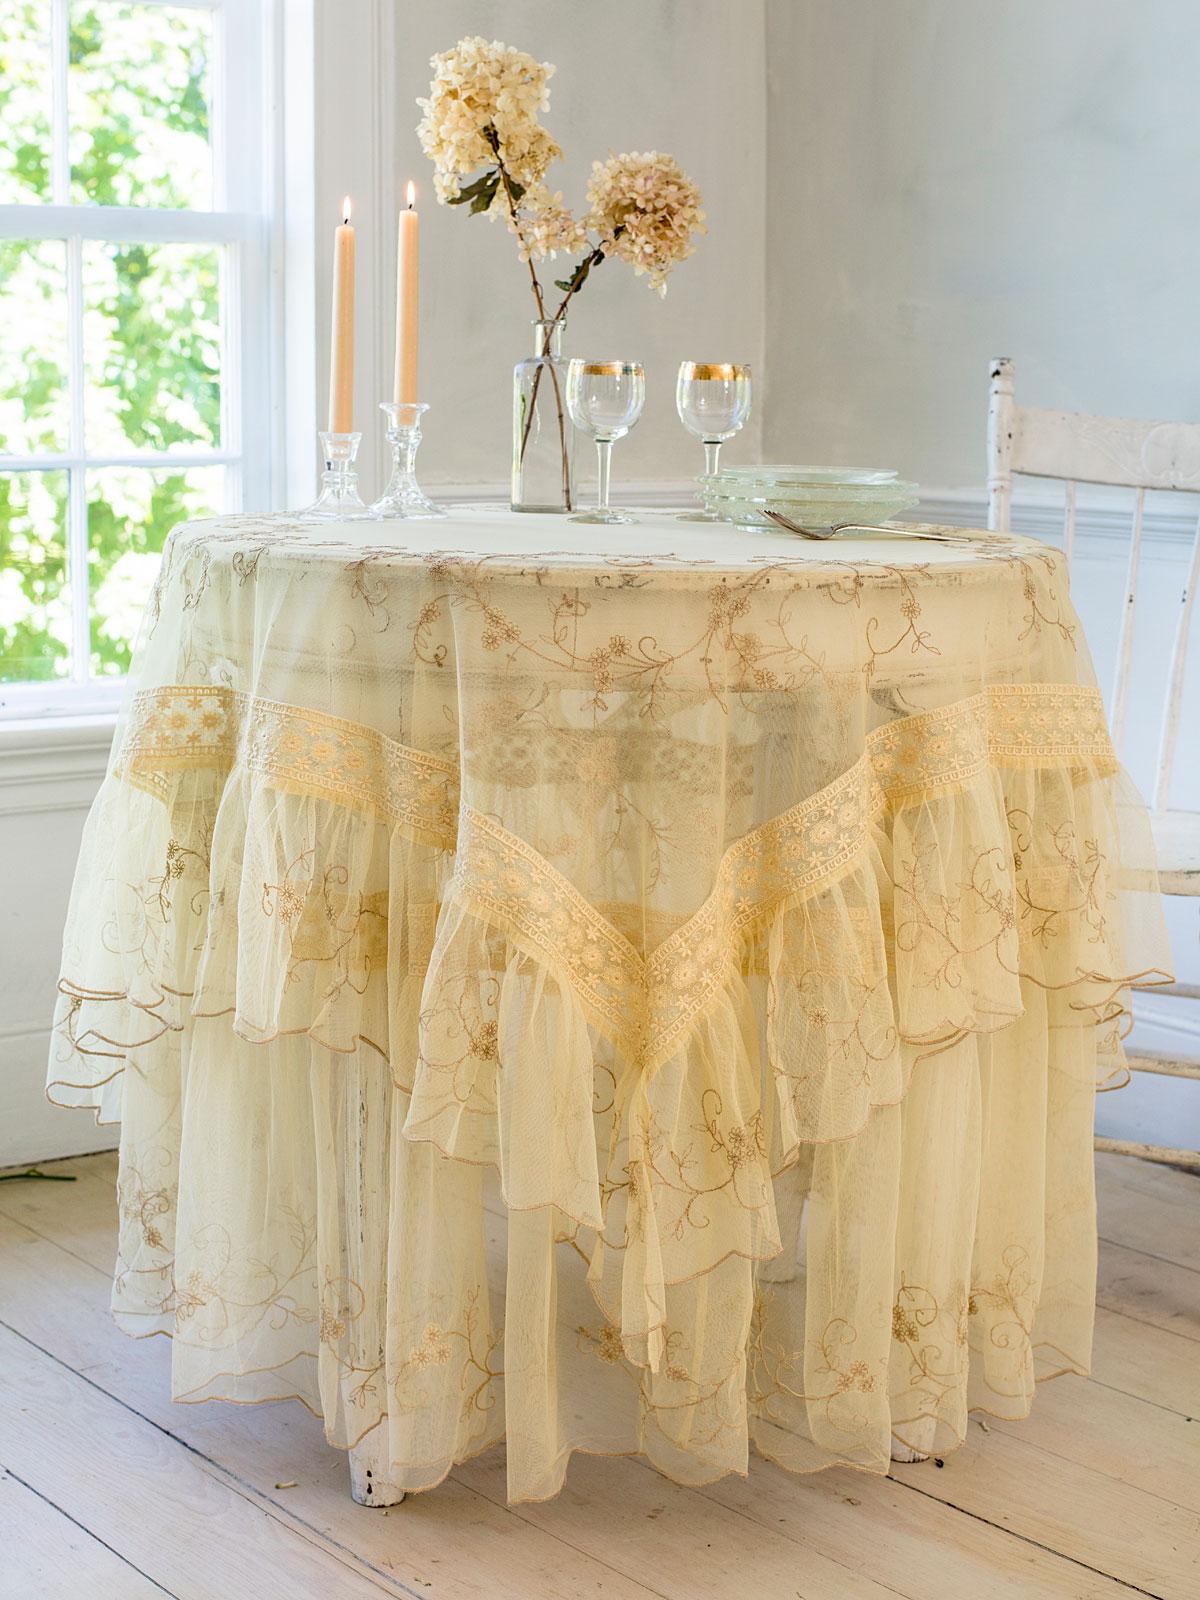 Beloved Antique Table Bundle